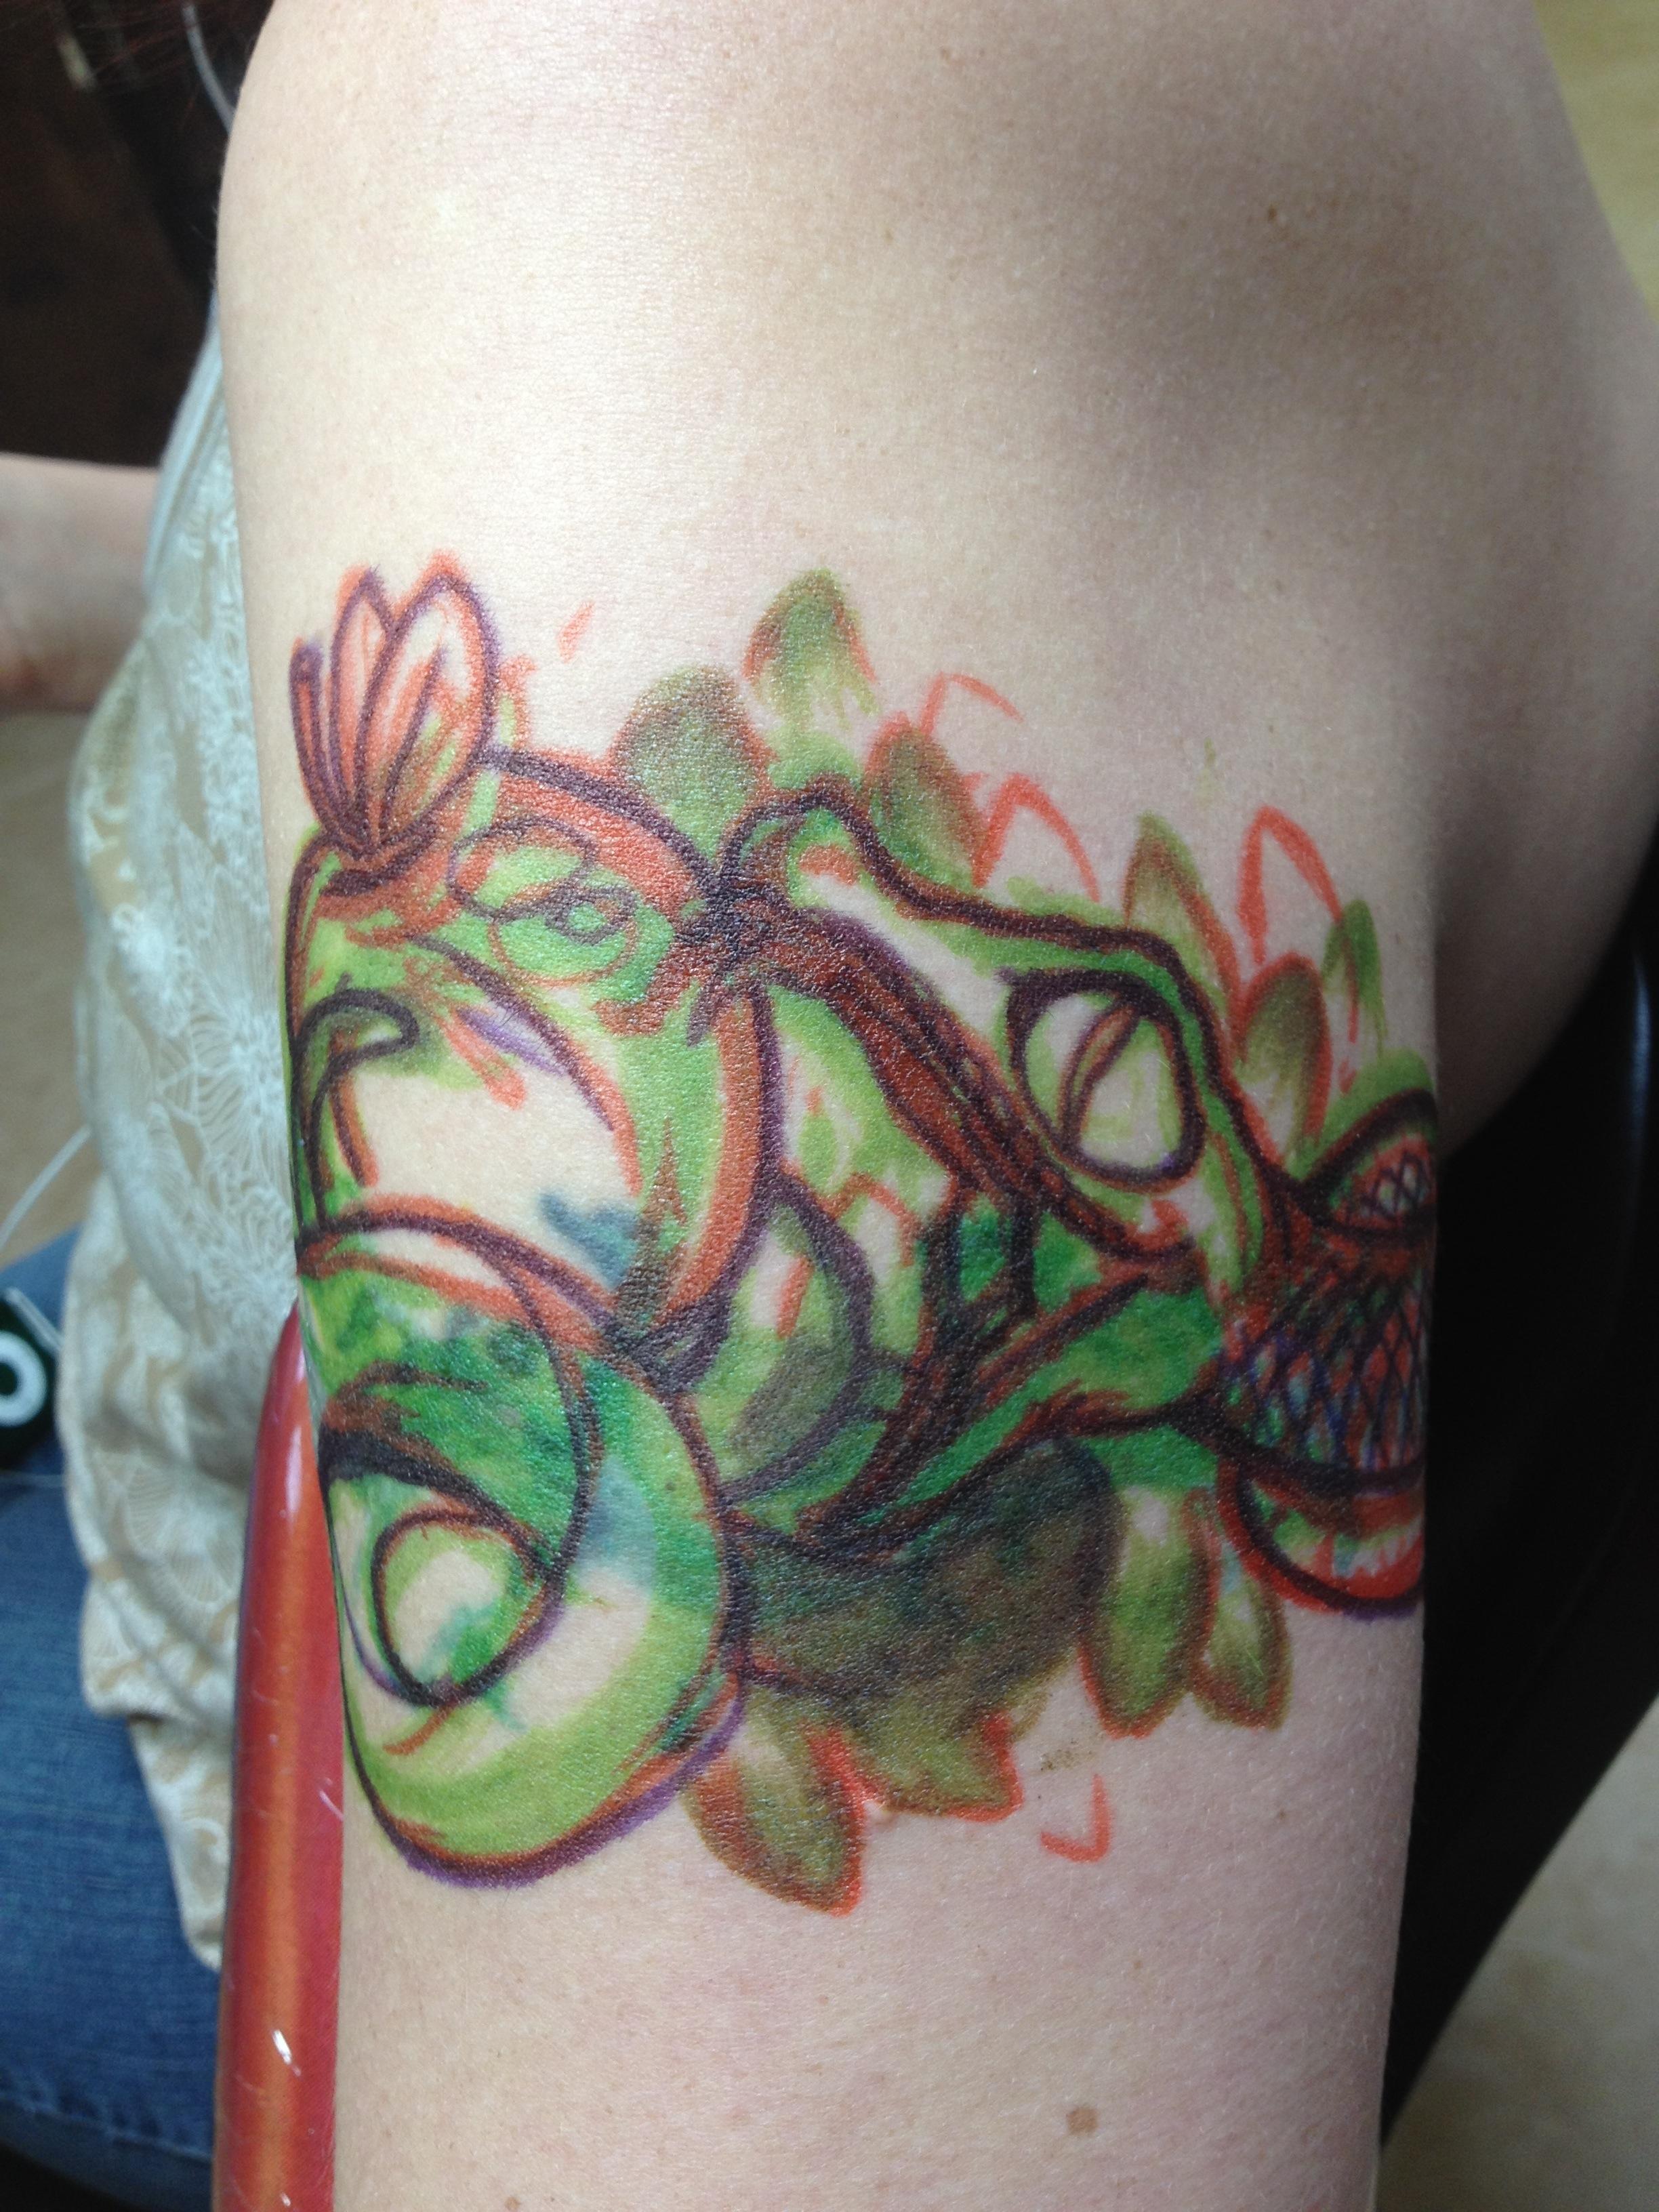 Garden of eden referred tattoo chagotattoos for Garden of eden tattoo